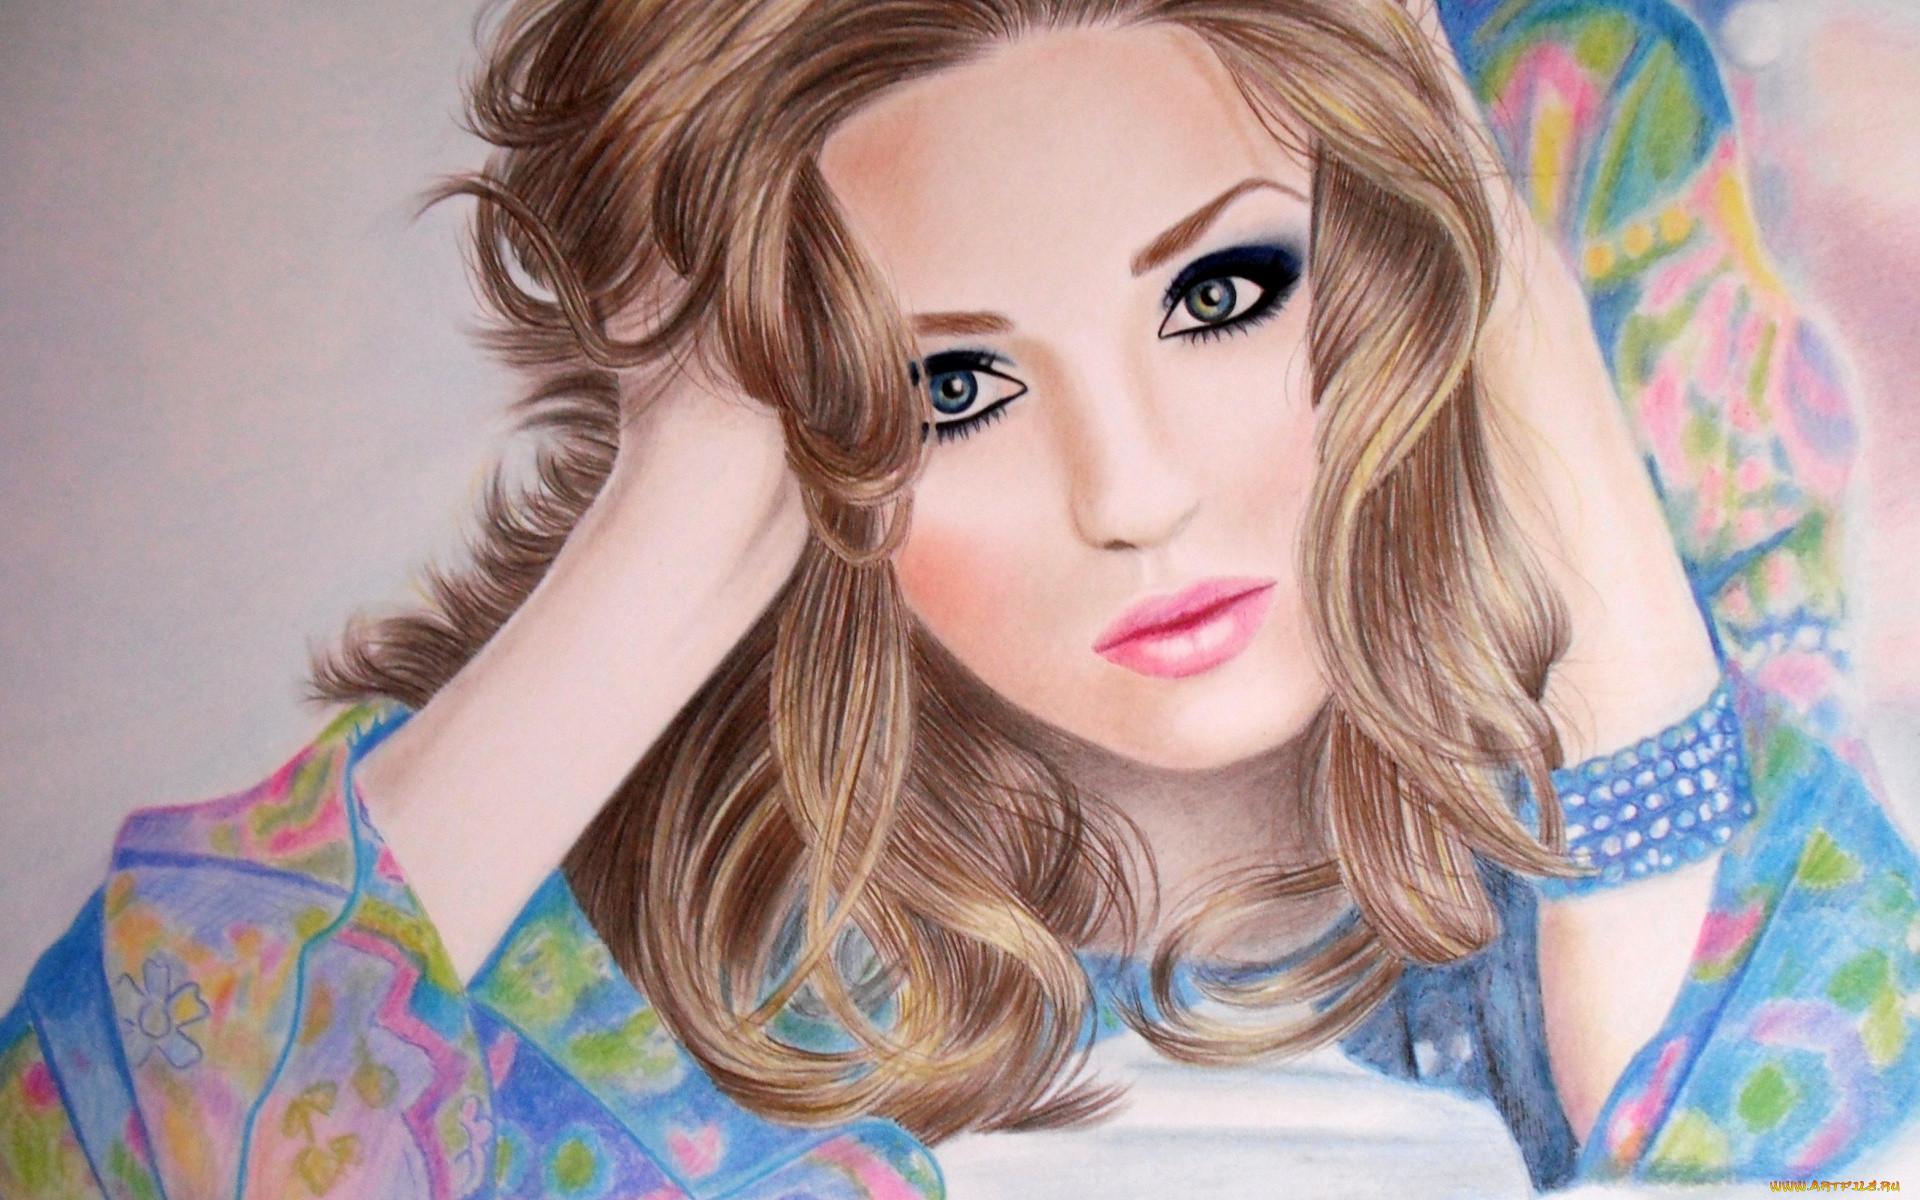 Нарисованные картинки девуш